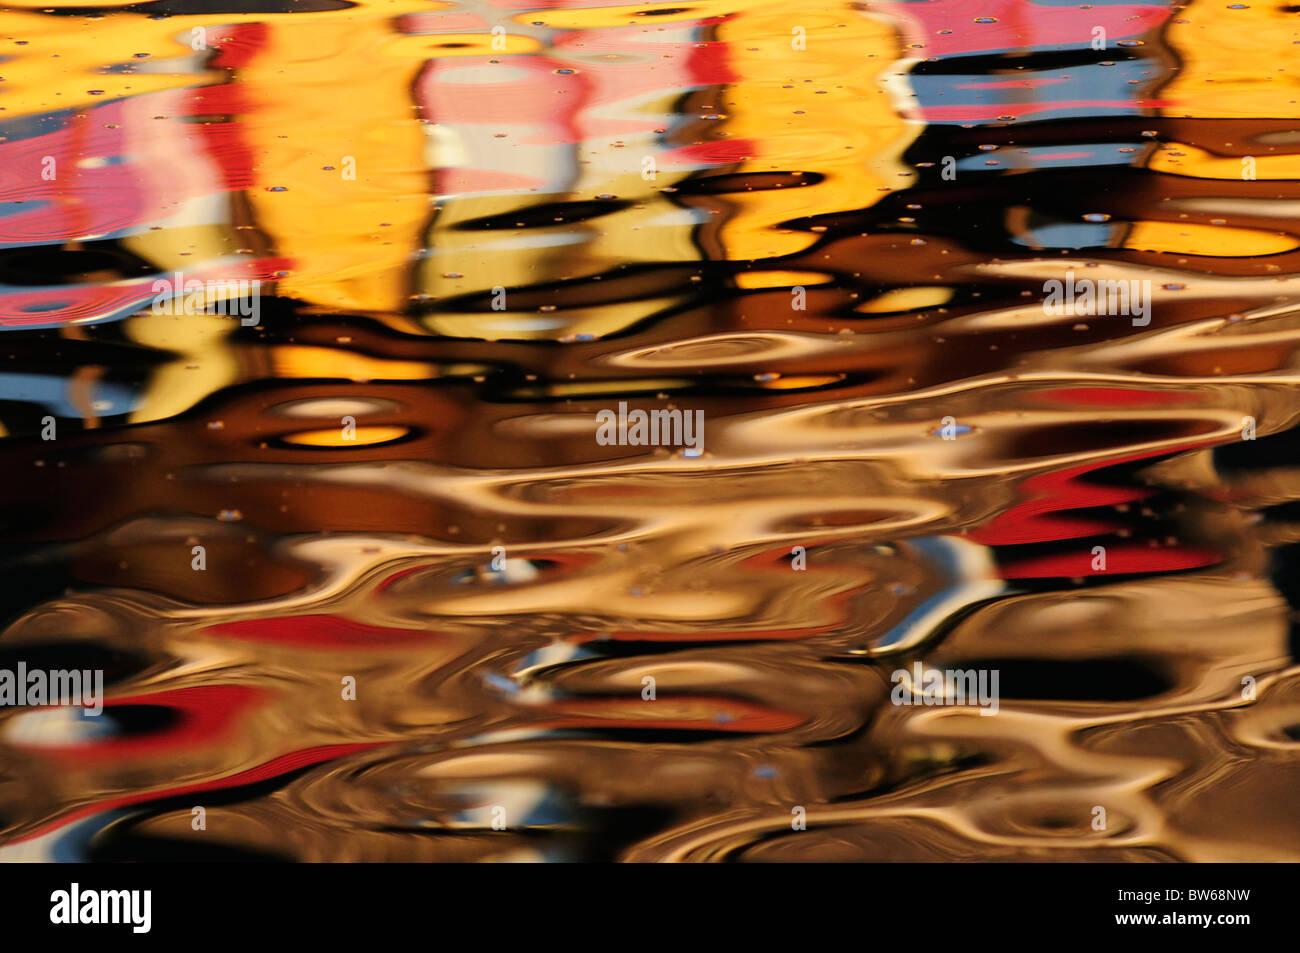 Resumen colorido reflejo de los edificios en el río Cam, Cambridge, Inglaterra, Reino Unido. Imagen De Stock